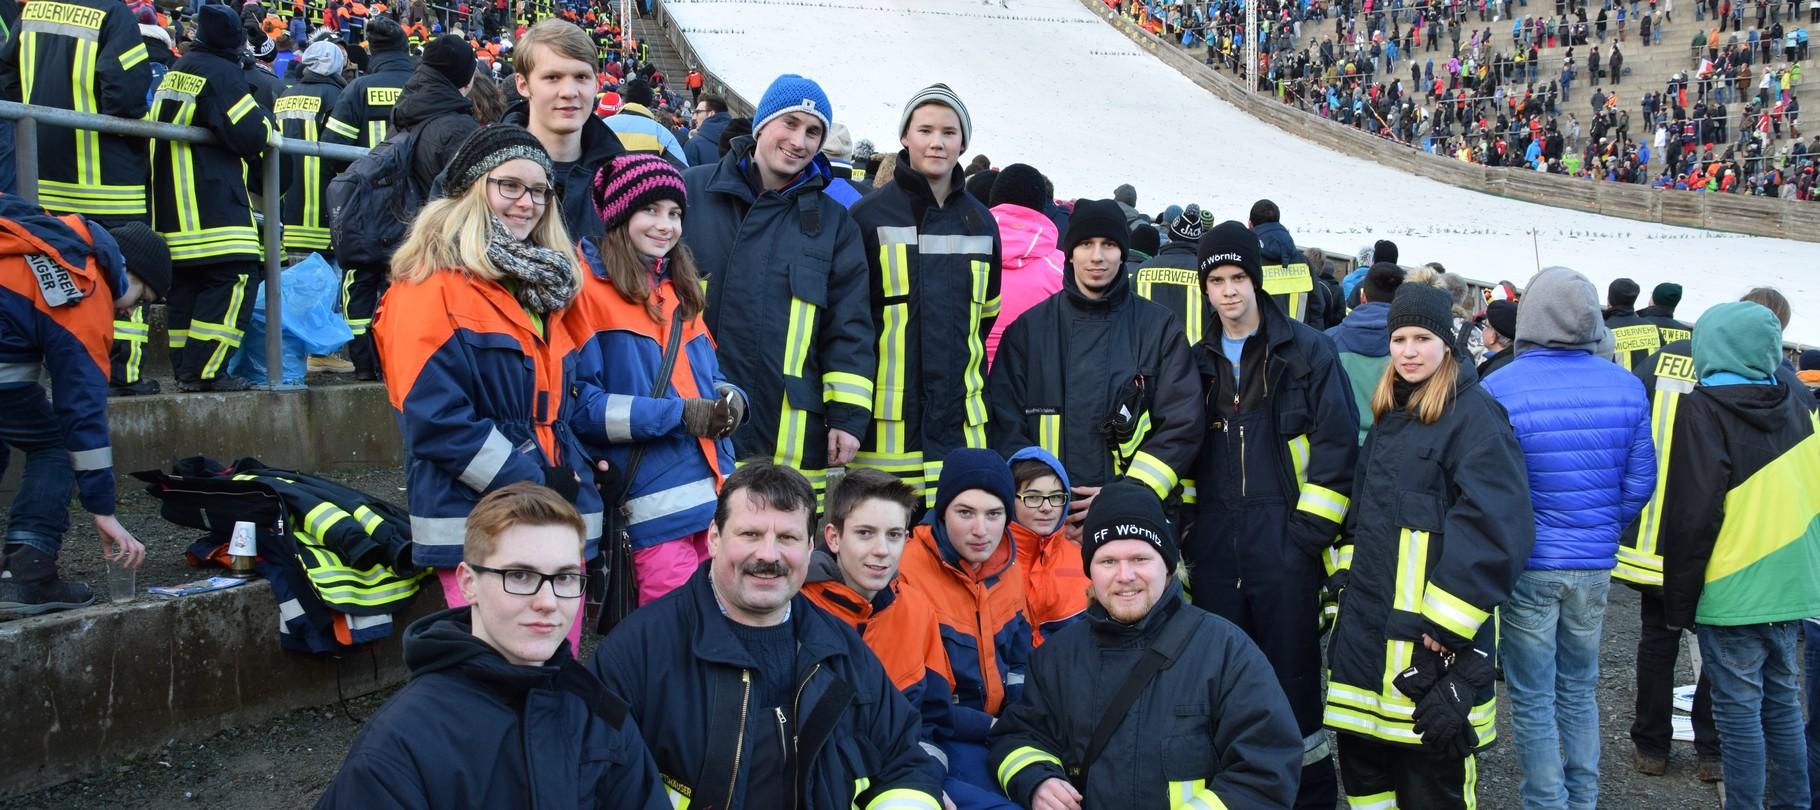 jugendfeuerwehr reist zum skispringen nach willingen